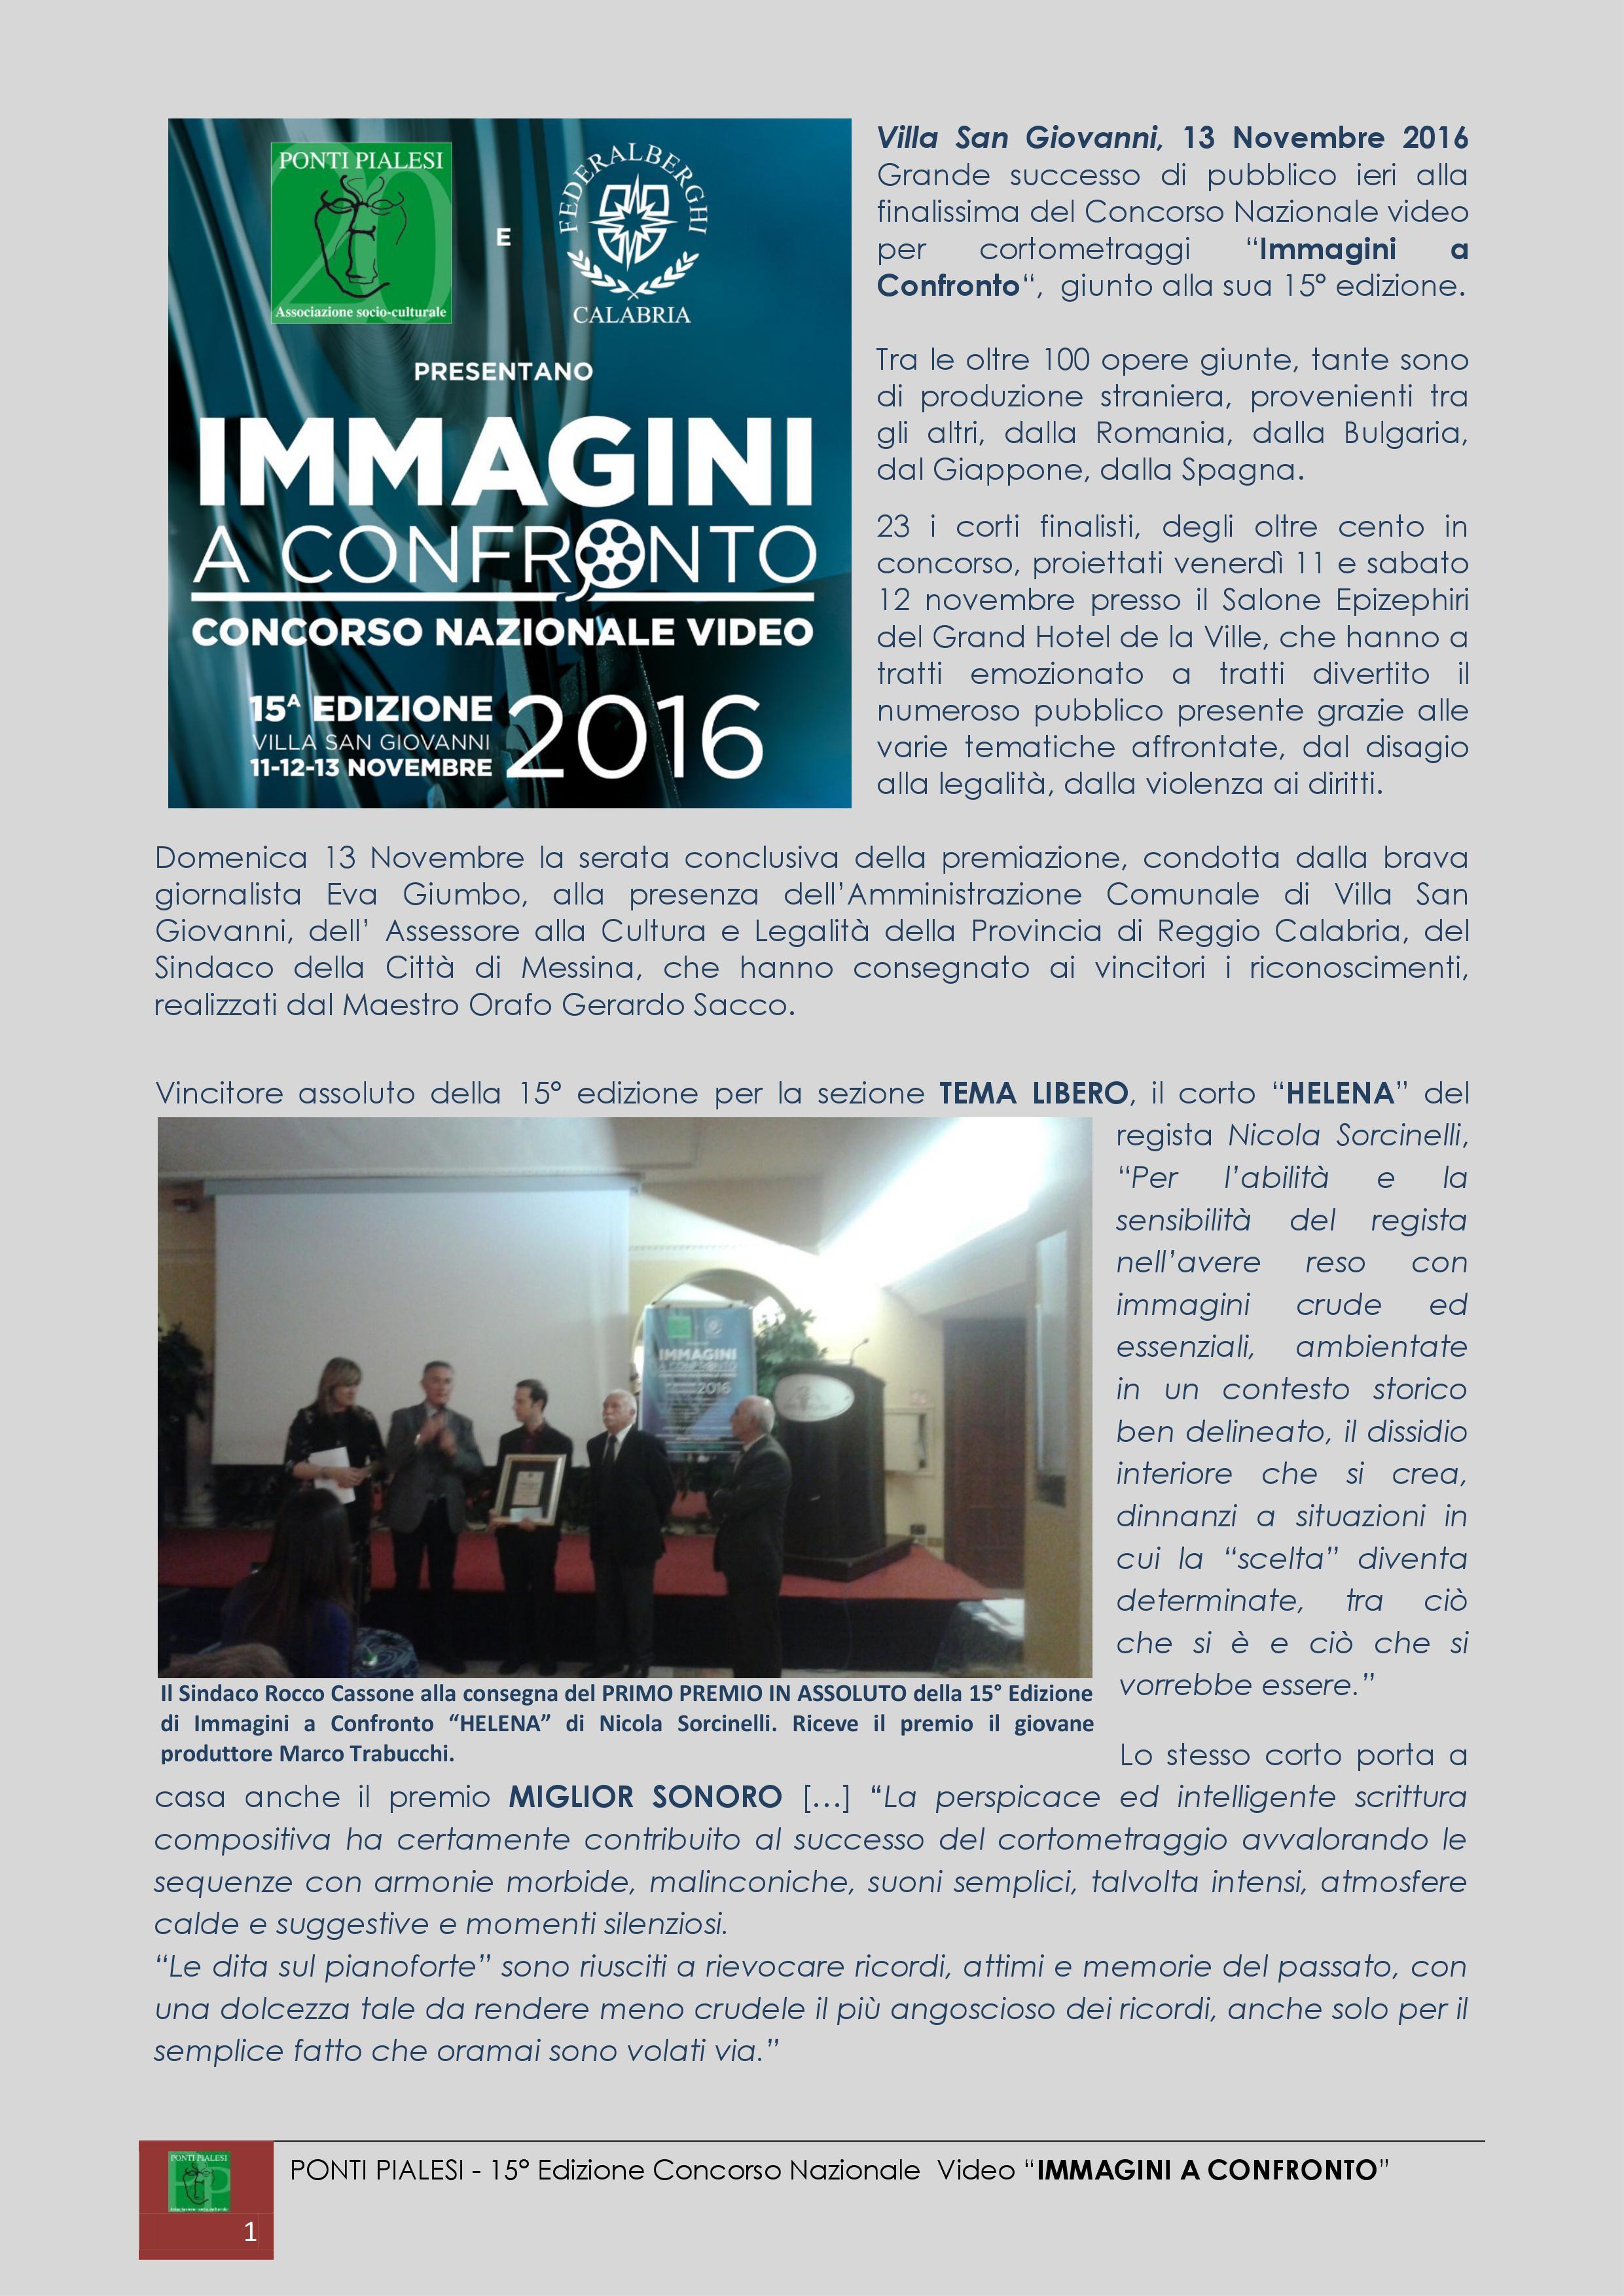 IMMAGINI A CONFRONTO 2016 - 15a Edizione - Resoconto finale (1)